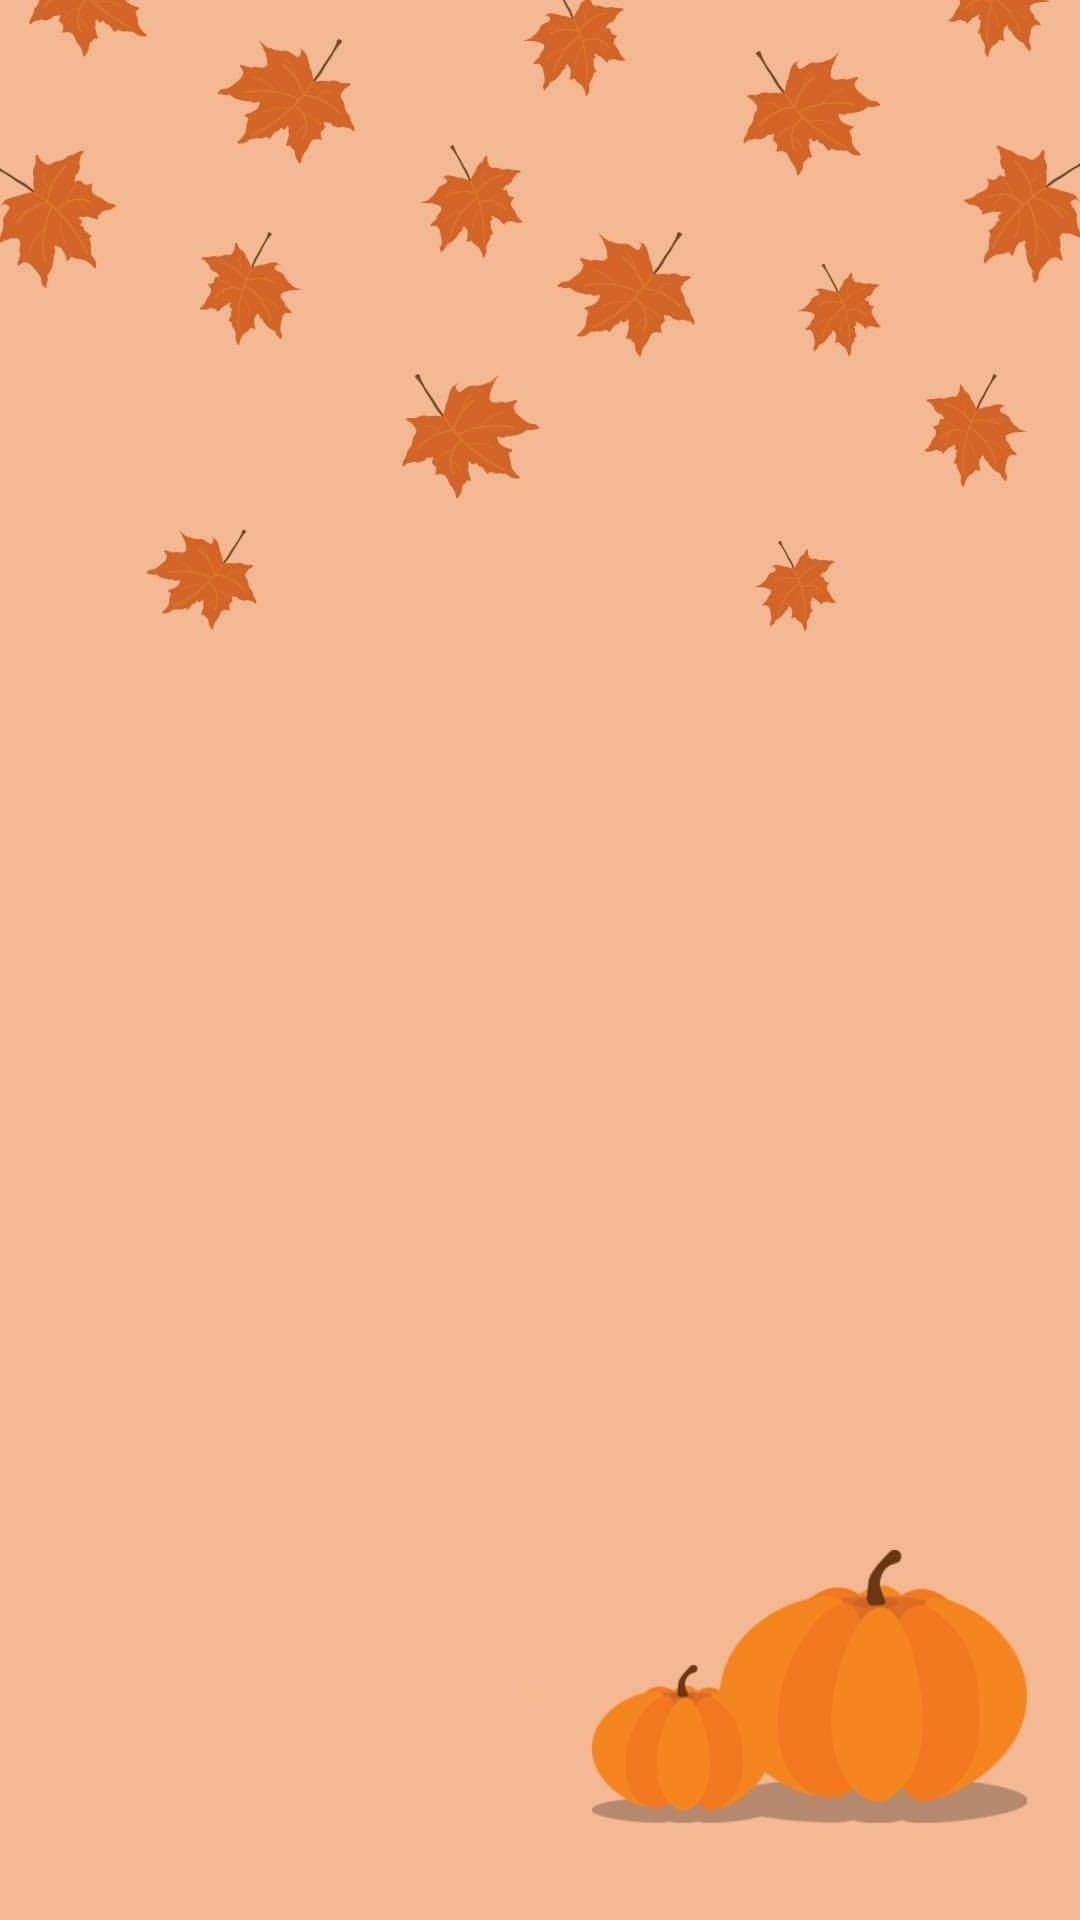 Autumn Wallpaper Iphone Wallpaper Fall Autumn Phone Wallpaper Cute Fall Wallpaper